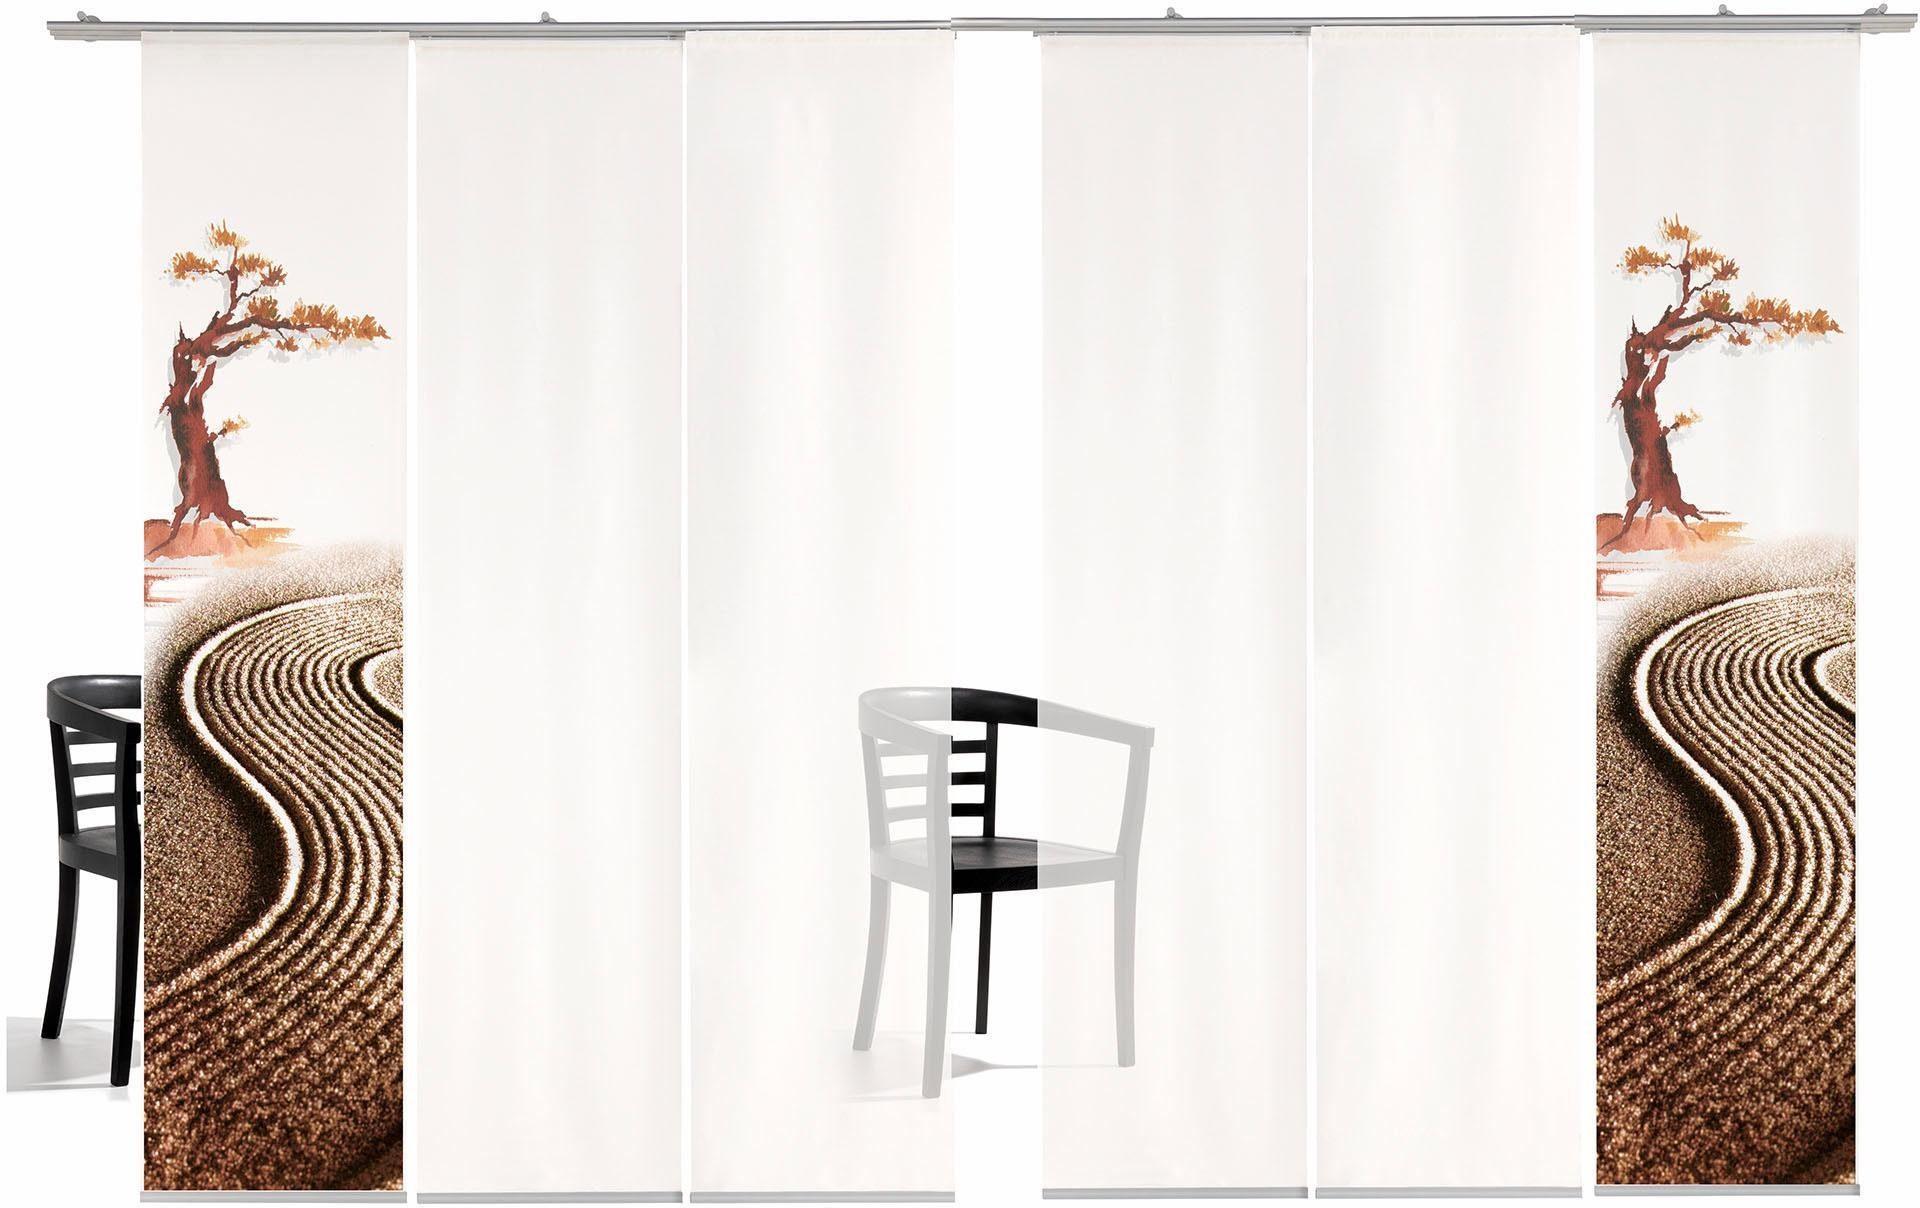 Schiebegardine »Bonsai TR«, emotion textiles, Klettband (6 Stück), inkl. Befestigungszubehör